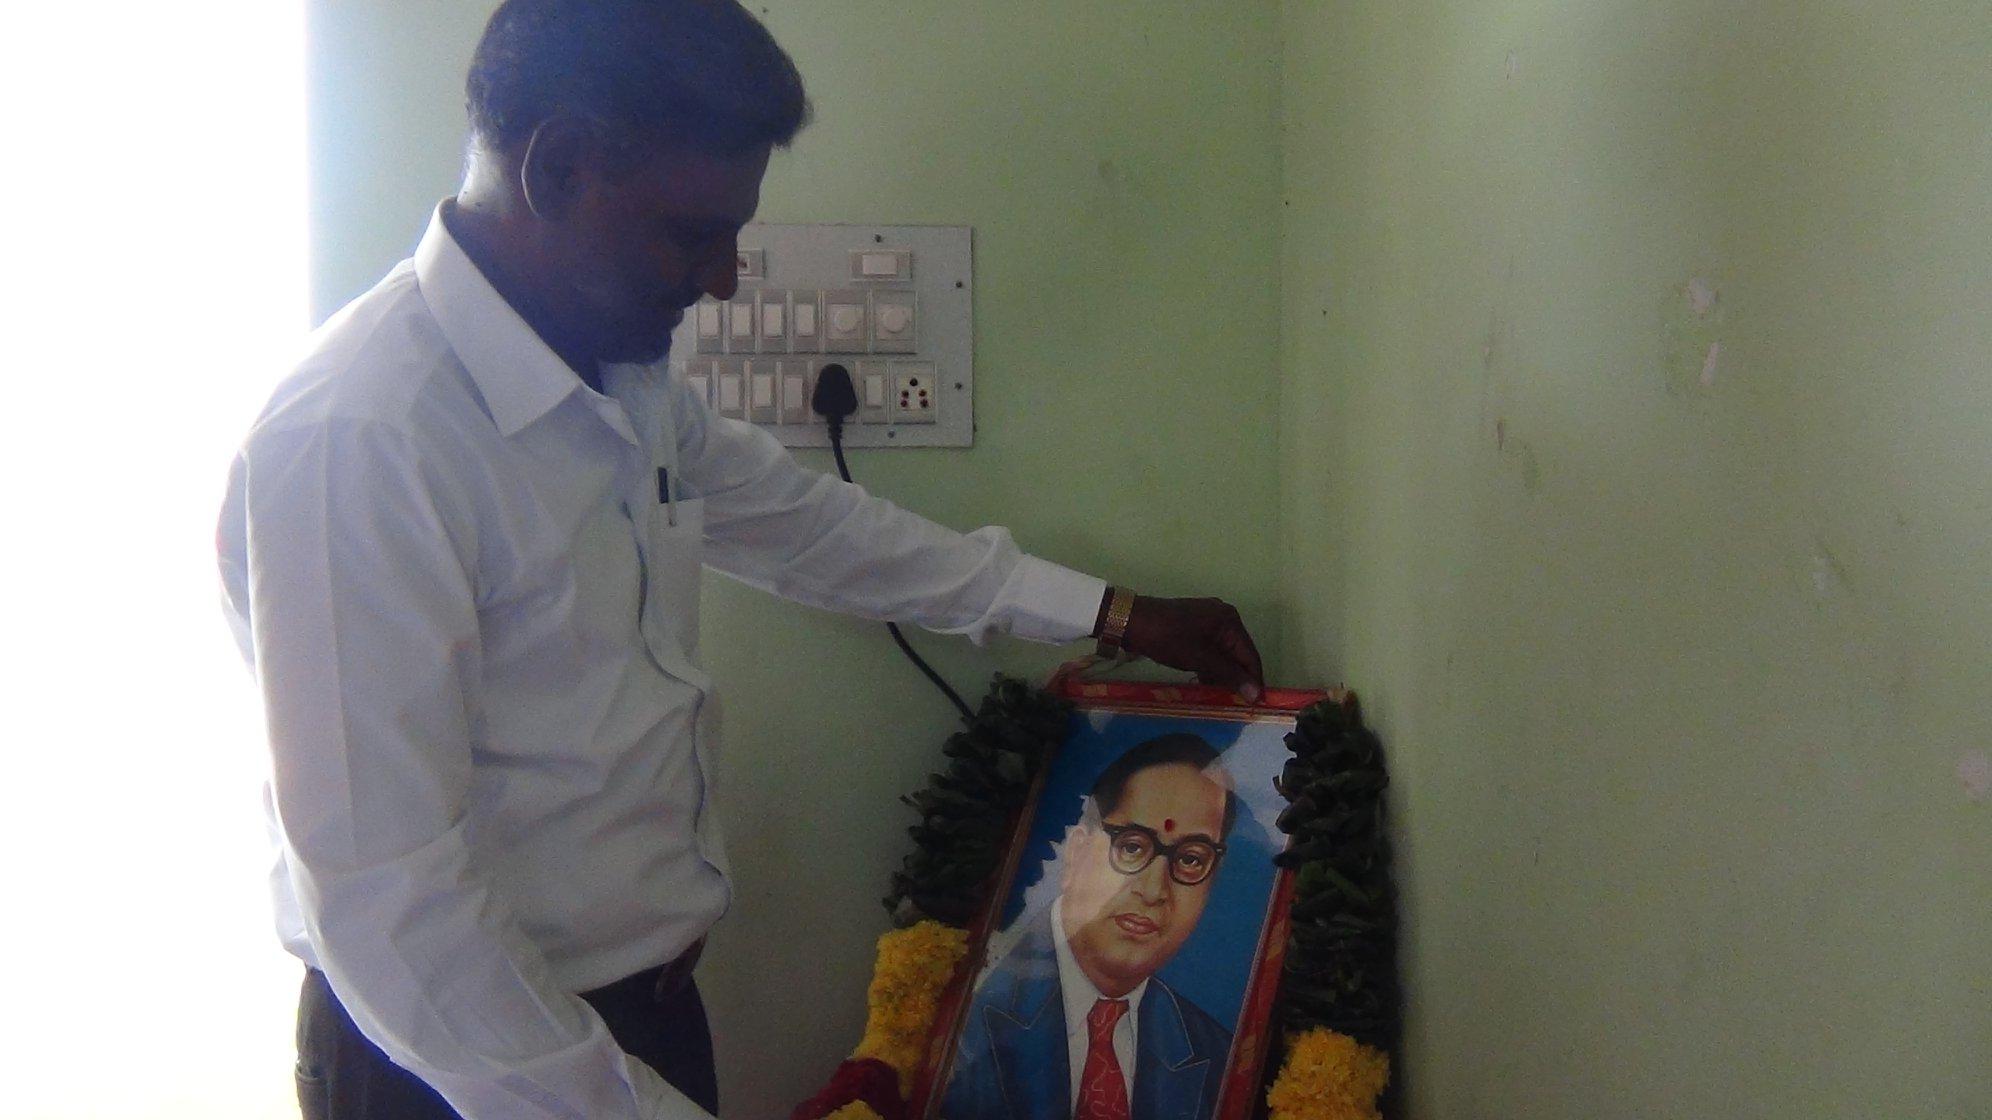 Tout d'abord rendons hommage à notre Guide, Dr Ambedkar.